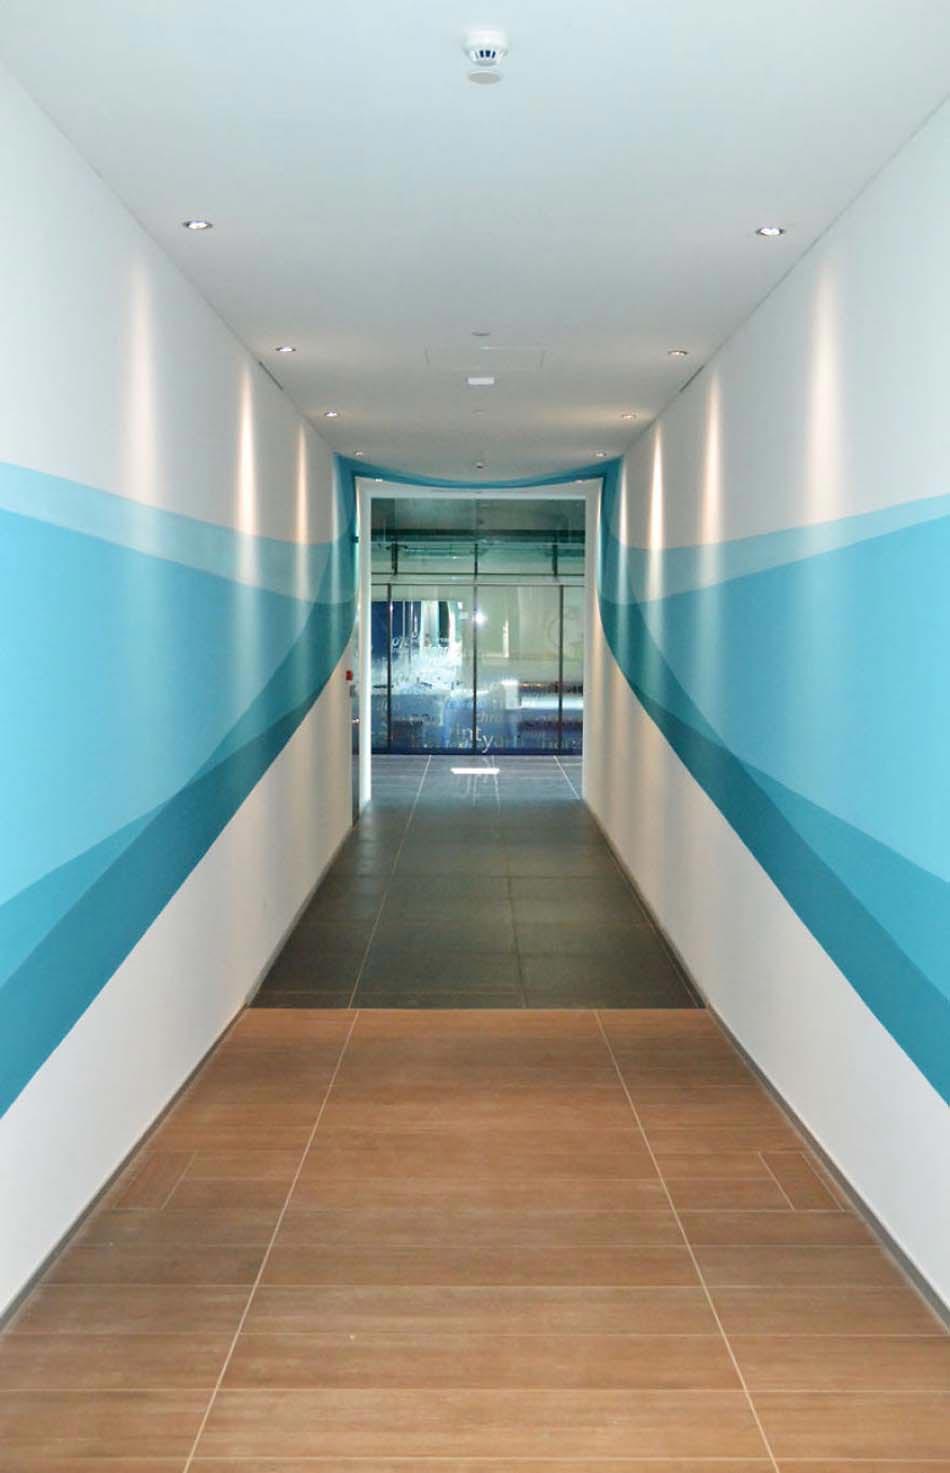 Classroom Decoration Wall Painting ~ Décoration créative pour des murs en constant mouvement